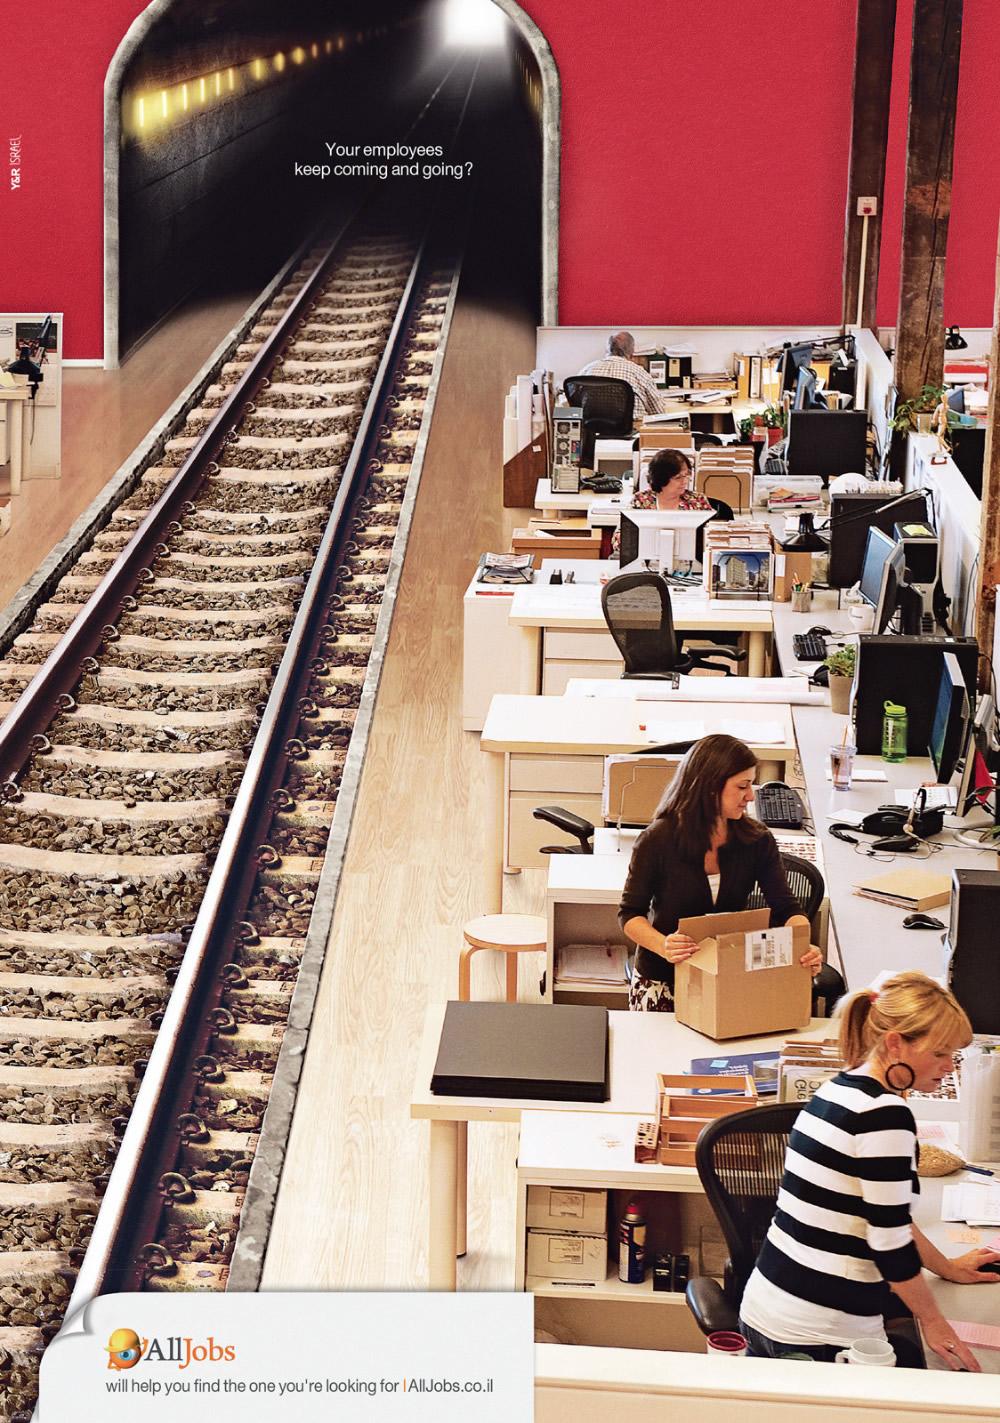 猎头创意广告:员工就像火车一样